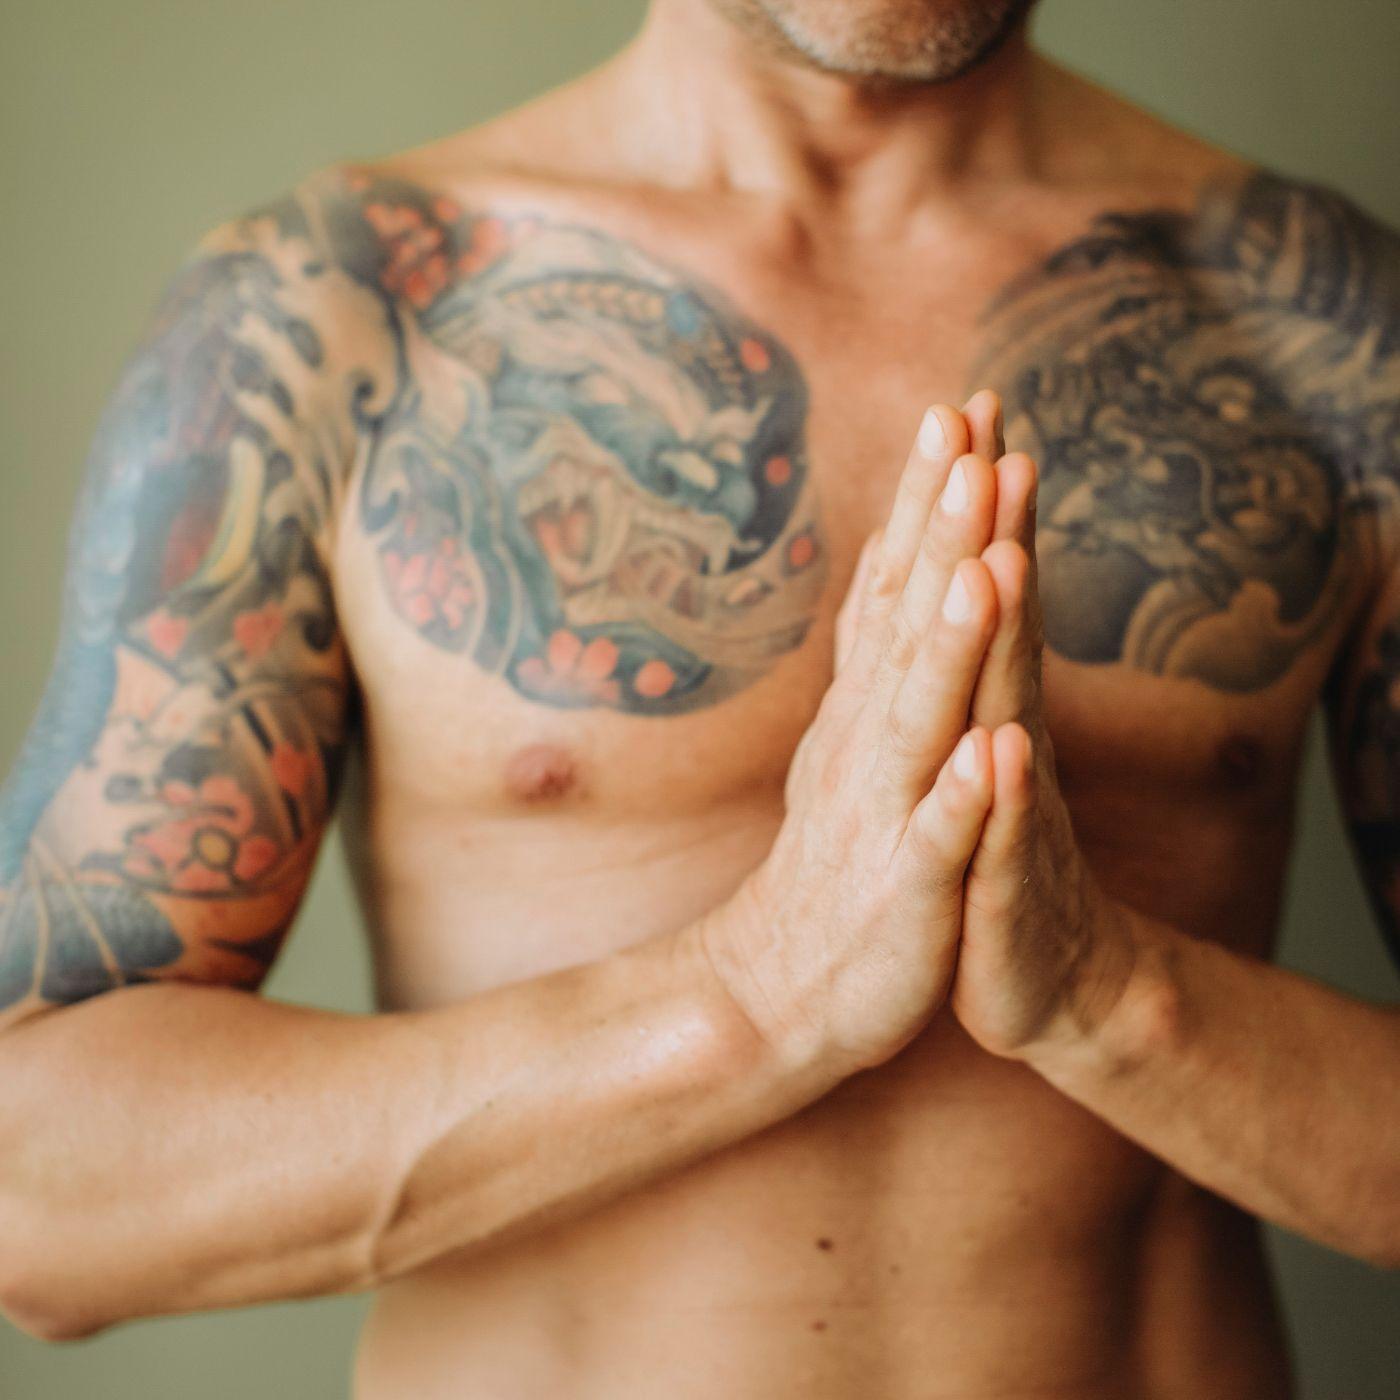 La espiritualidad y yo